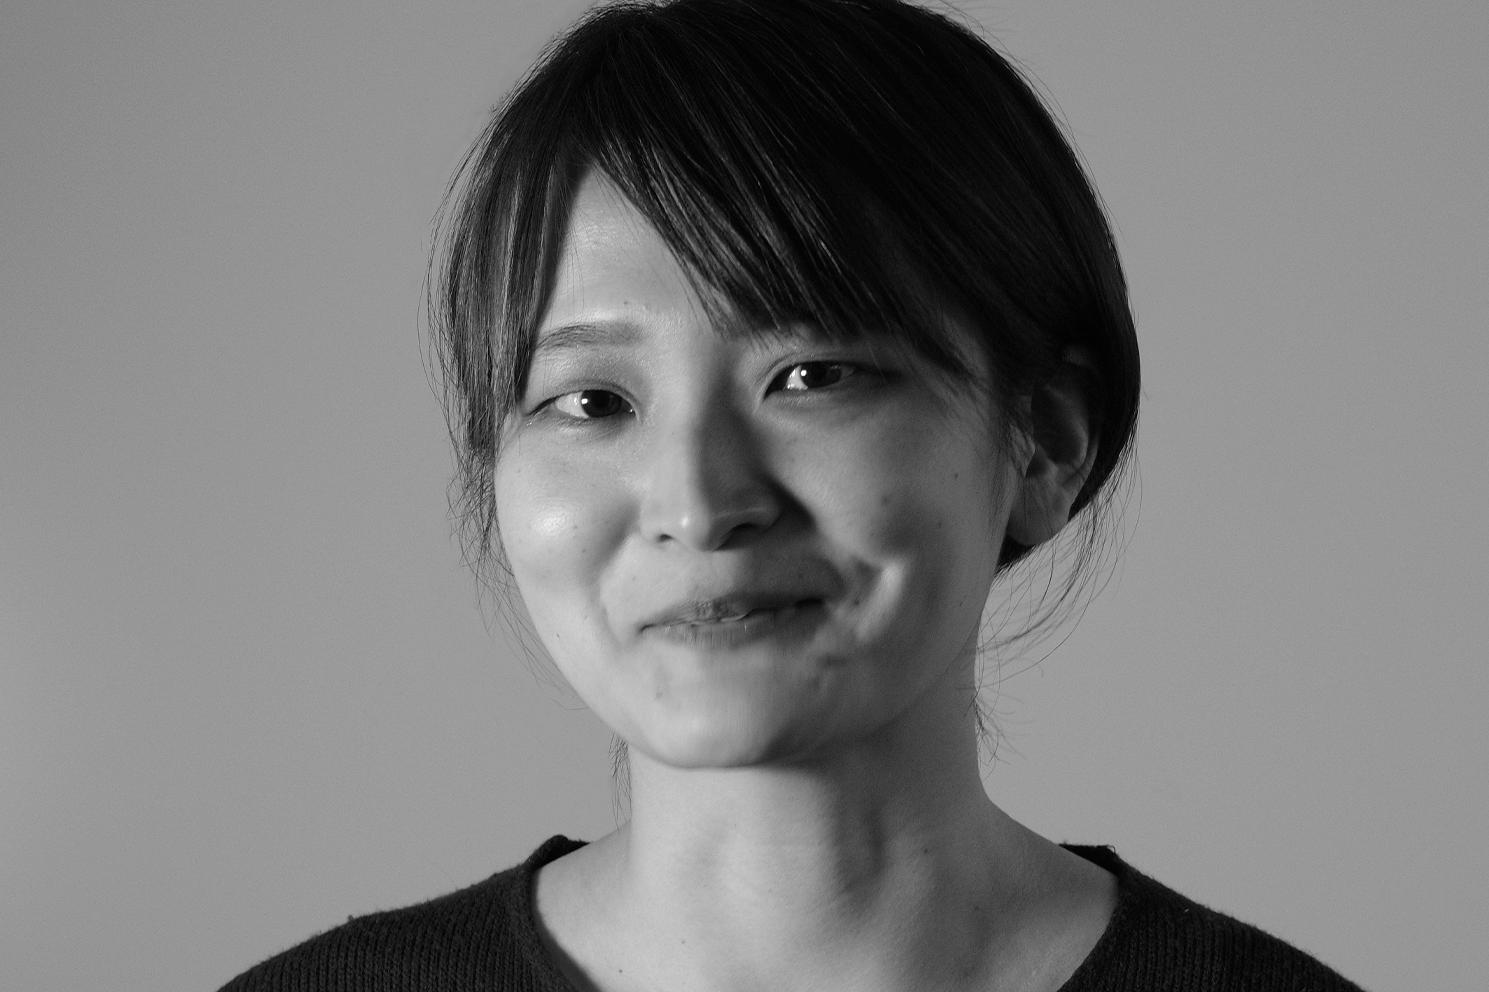 Nanami Nakagawa